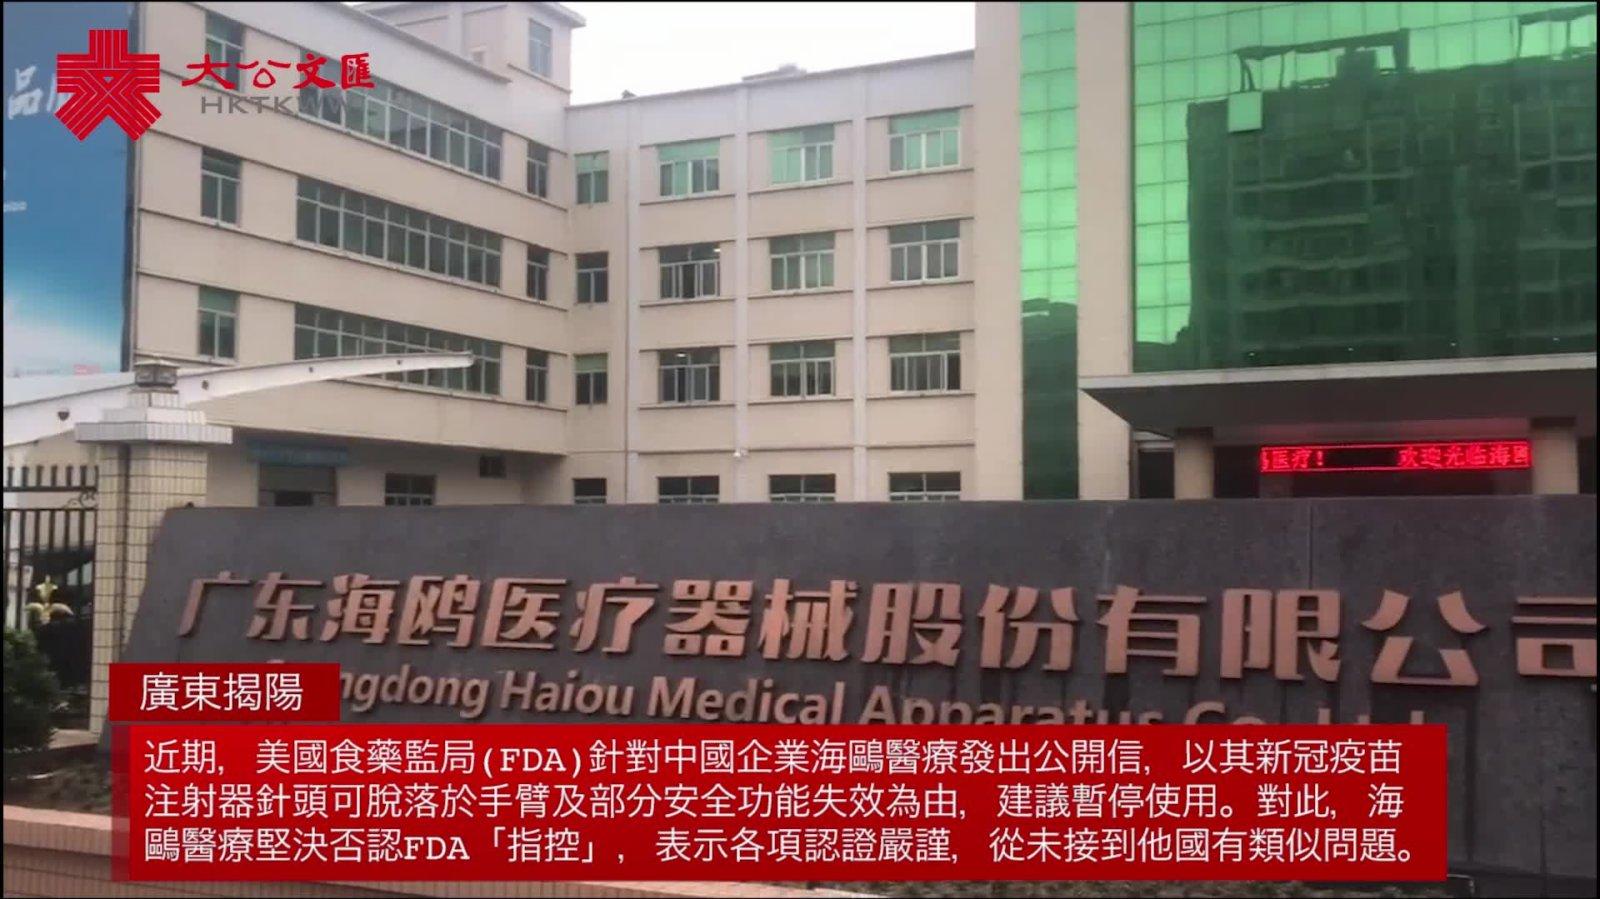 遭美無端刁難 這家中國注射器龍頭企業否認「指控」